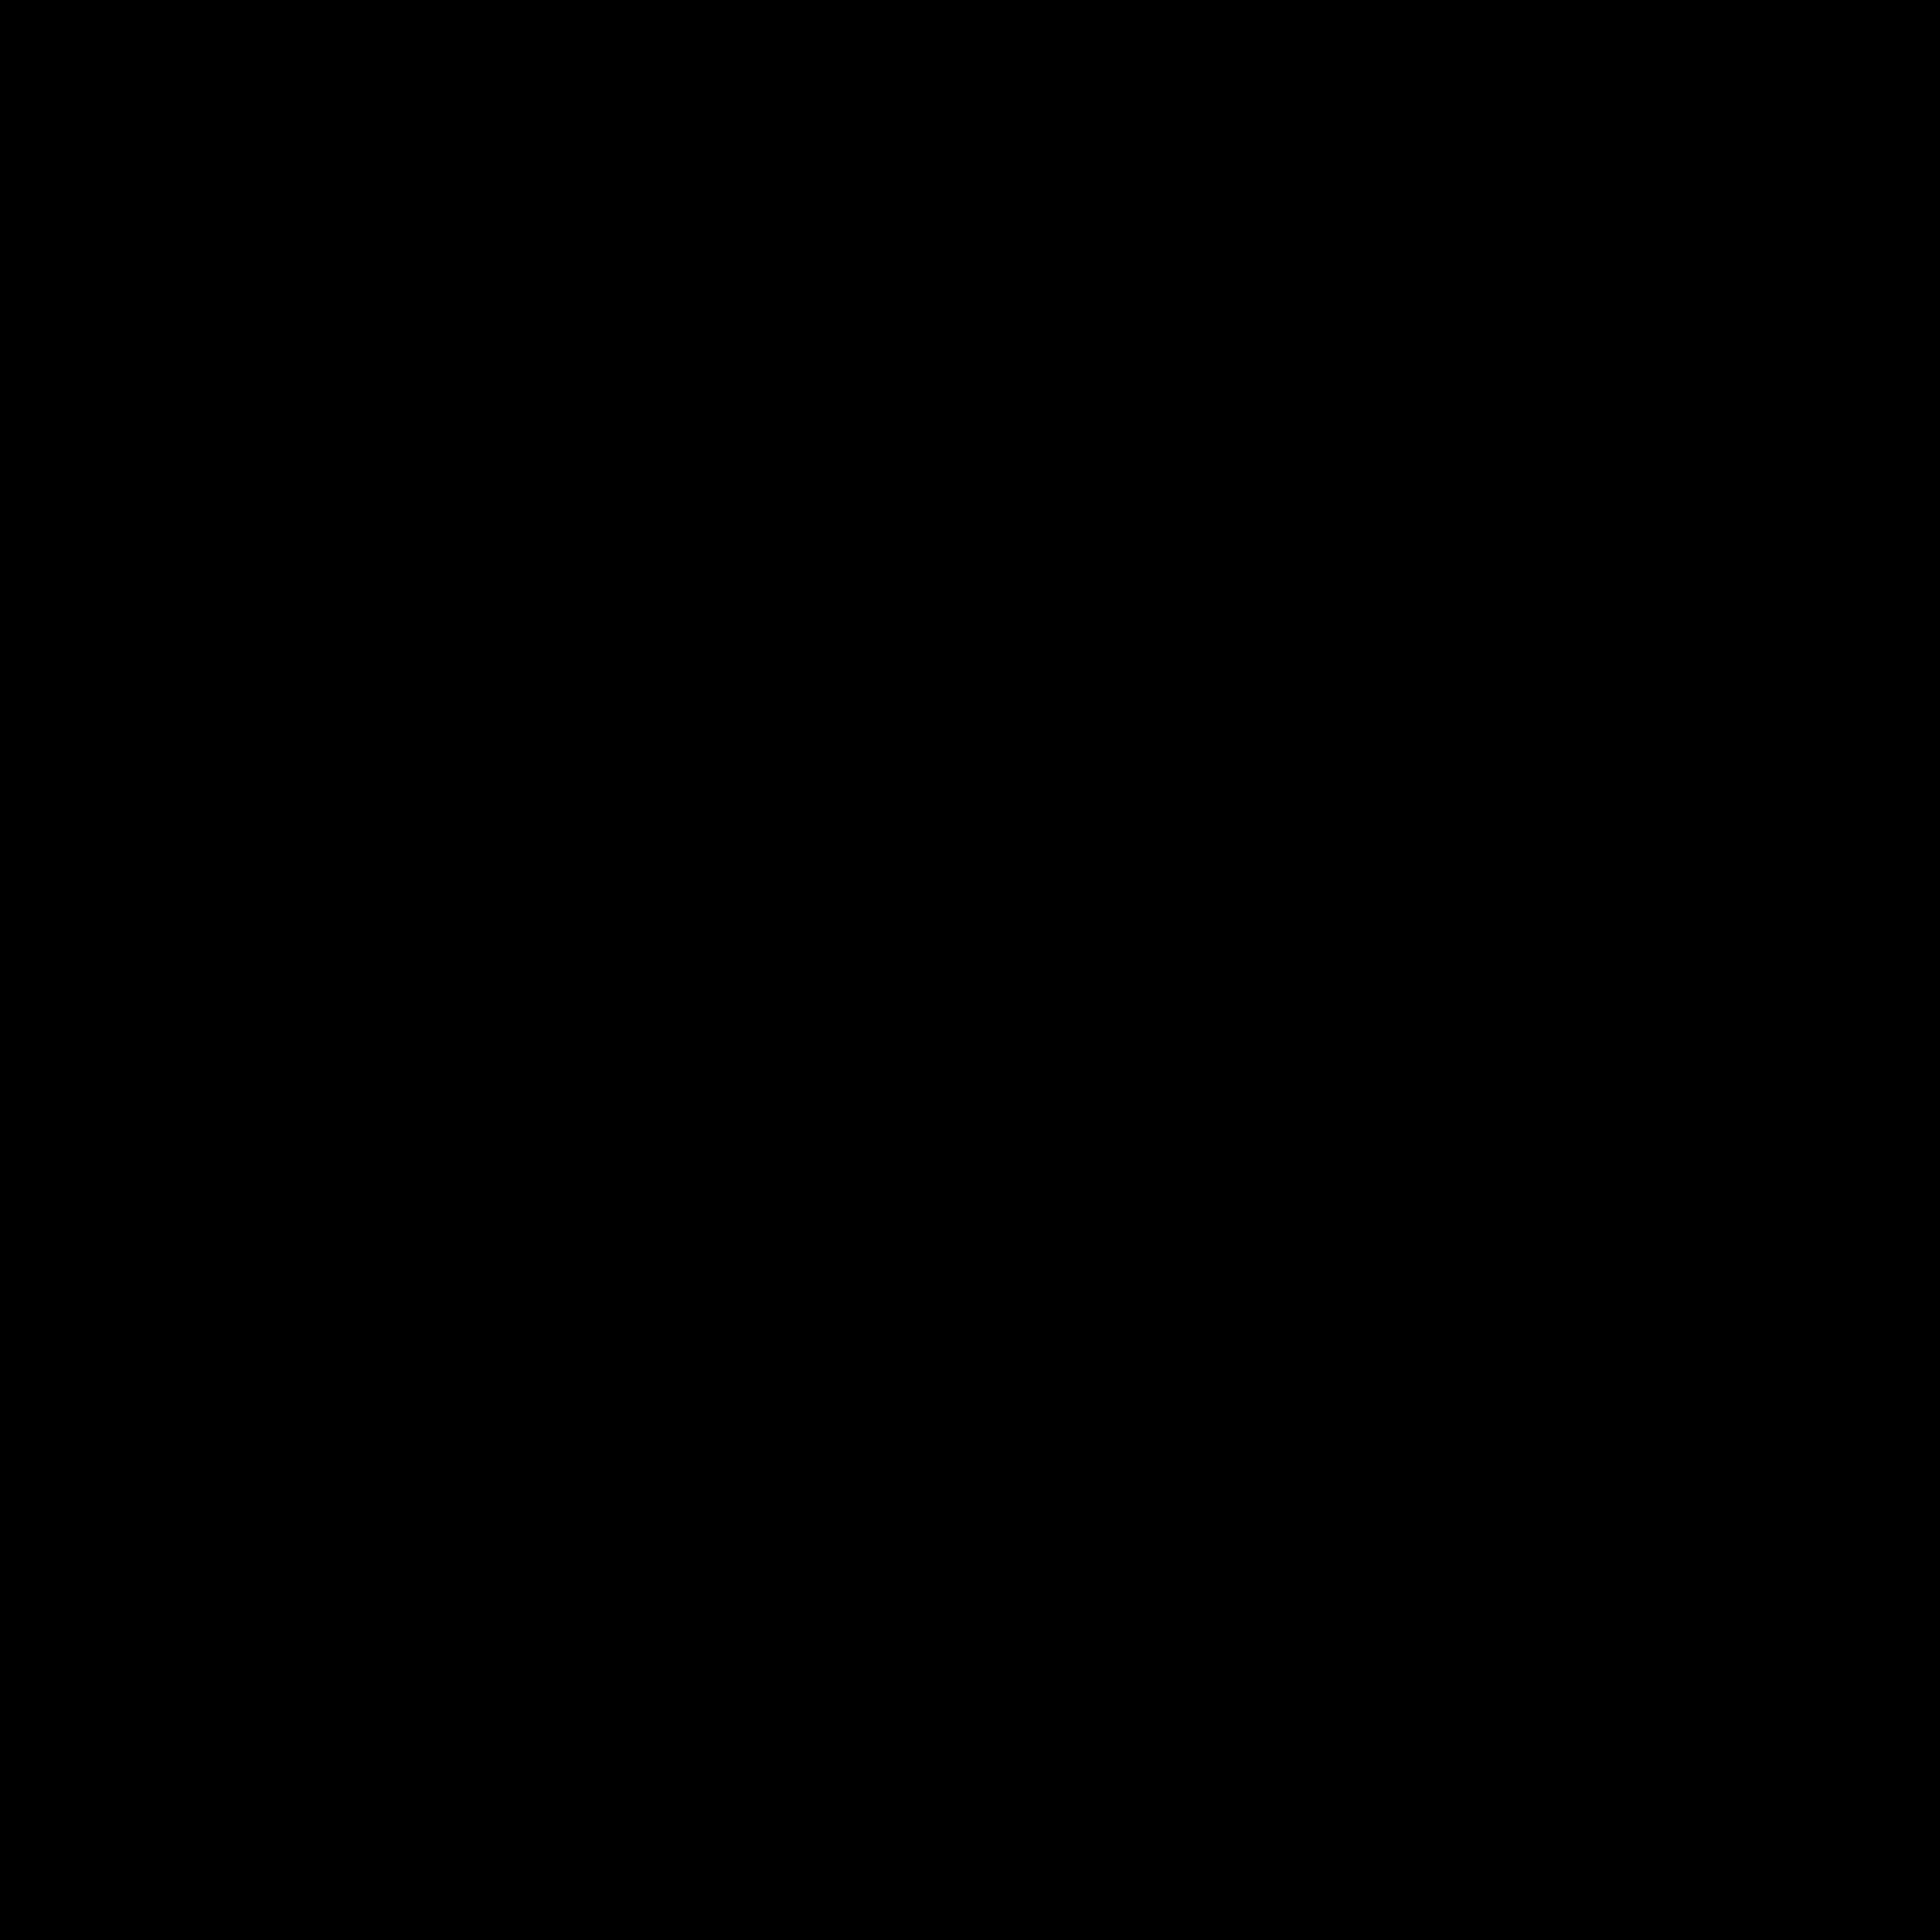 oakley logo 0 - Oakley Logo